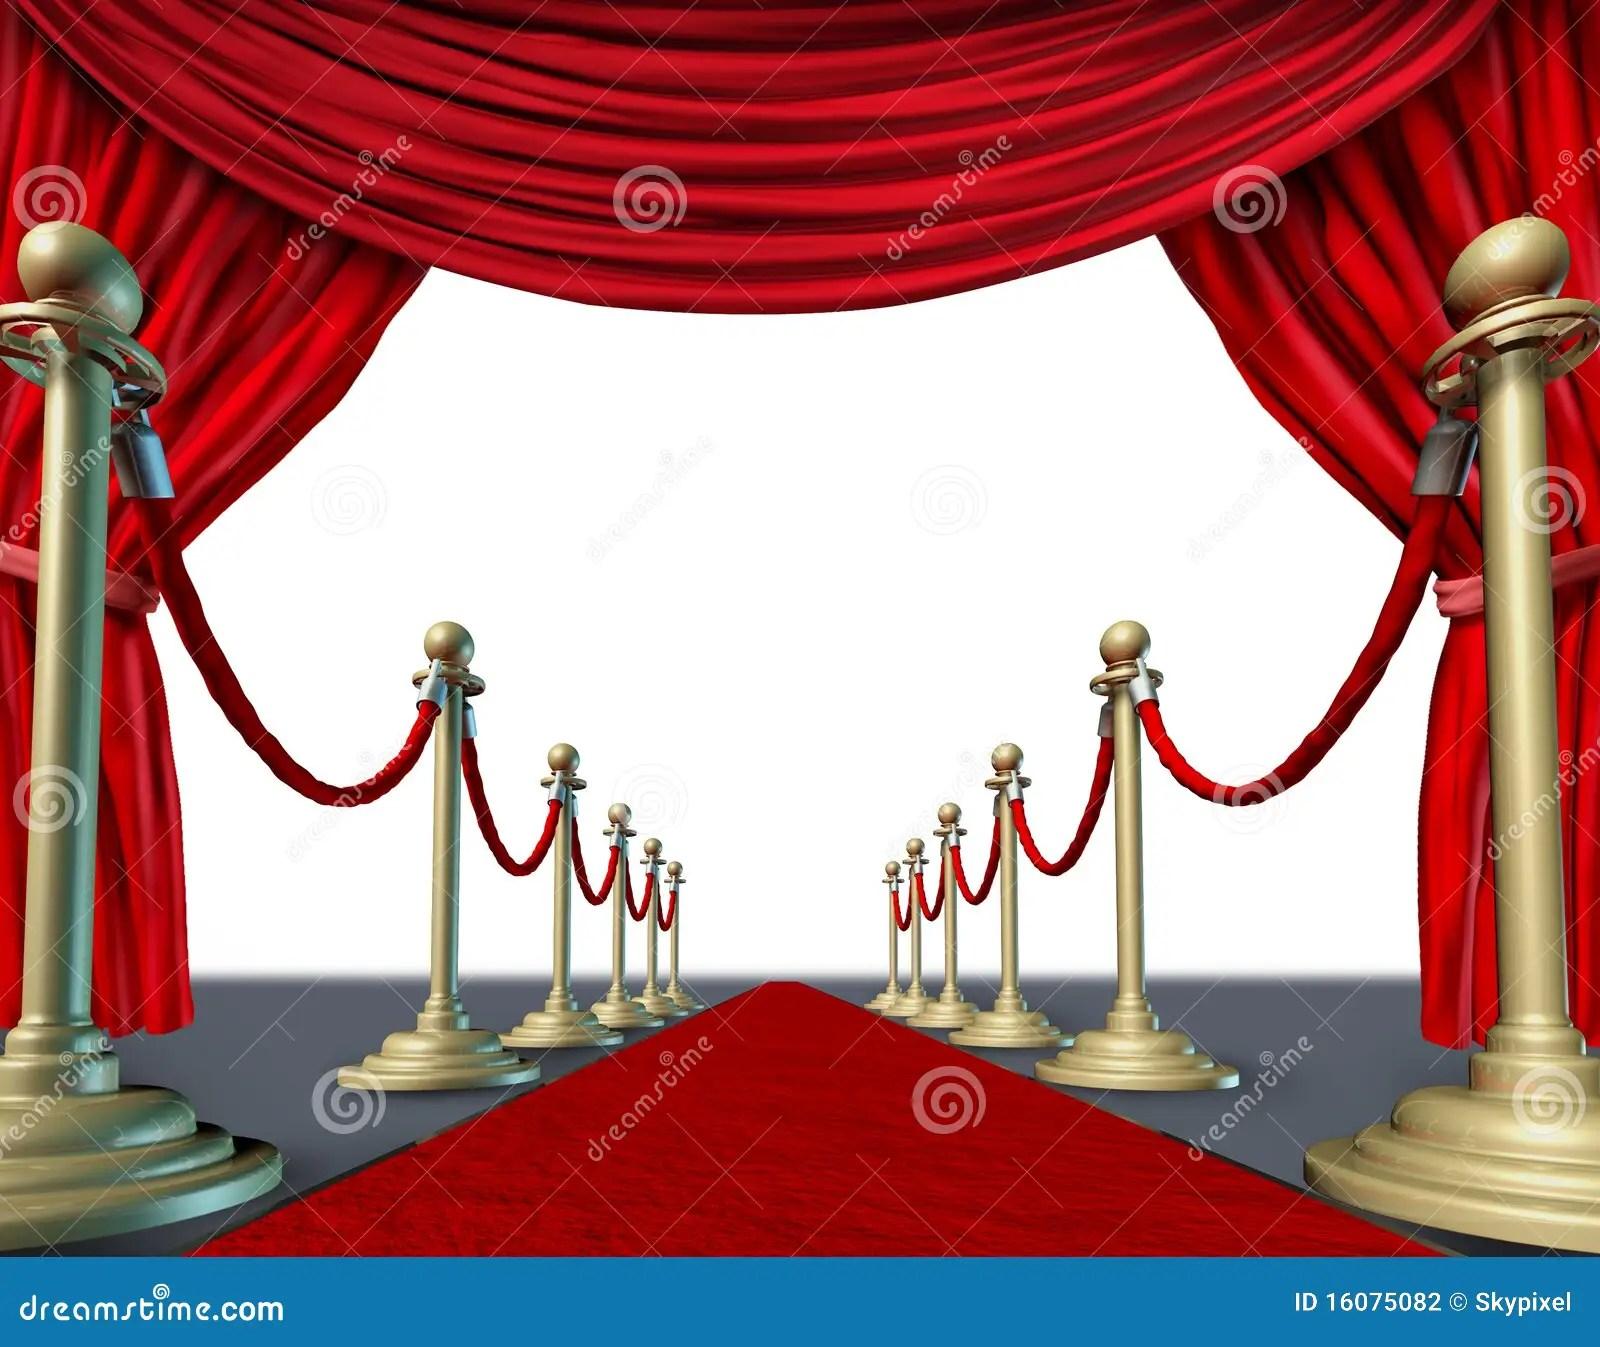 Velvet Red Curtain Frame Stock Illustration Illustration Of Theater 16075082